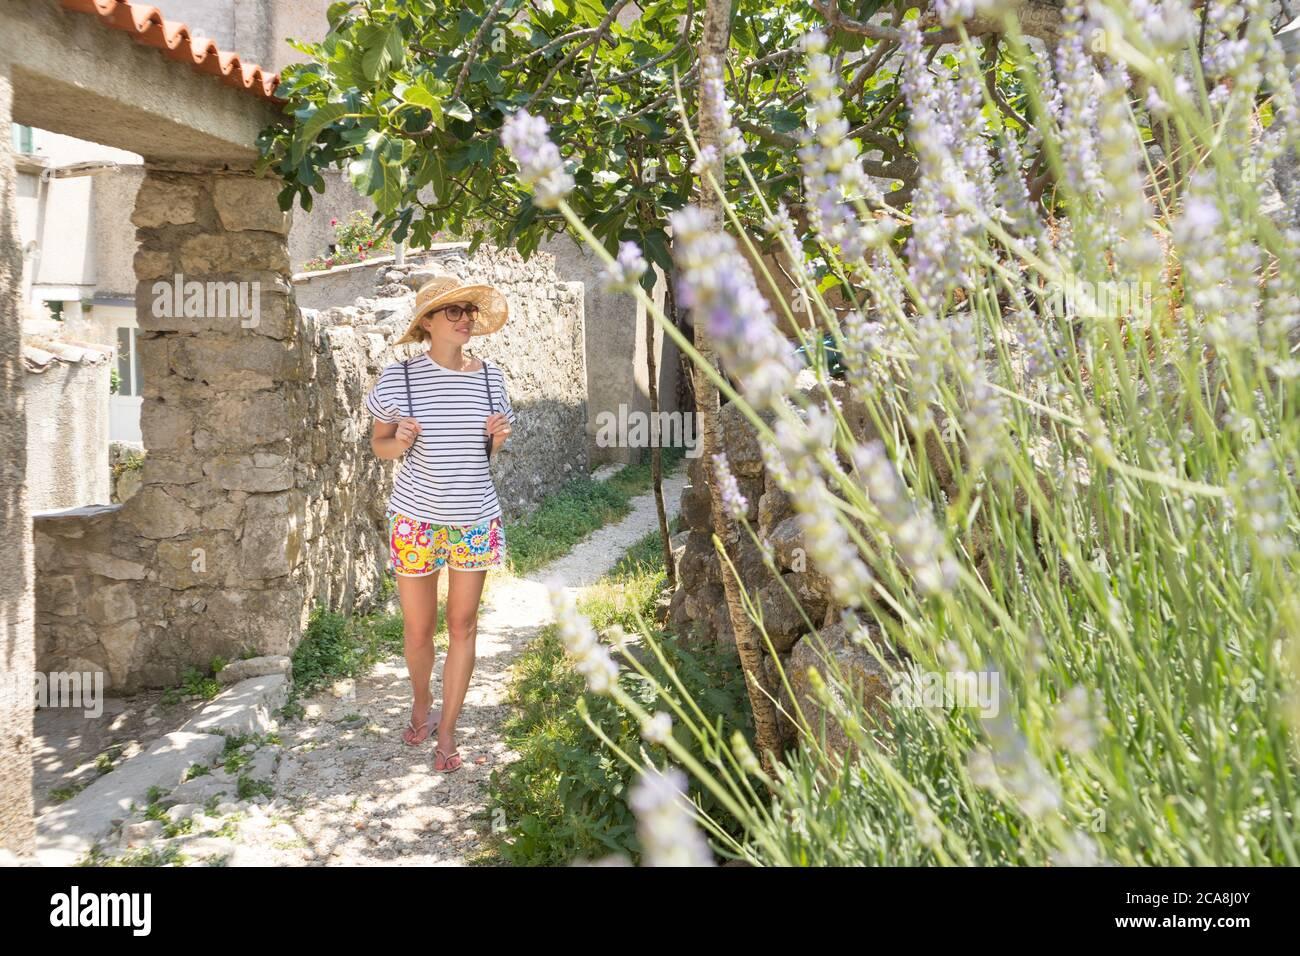 Vista trasera de la hermosa rubia joven viajero con sombrero de paja de turismo y disfrutar de las vacaciones de verano en una antigua ciudad costera tradicional Foto de stock